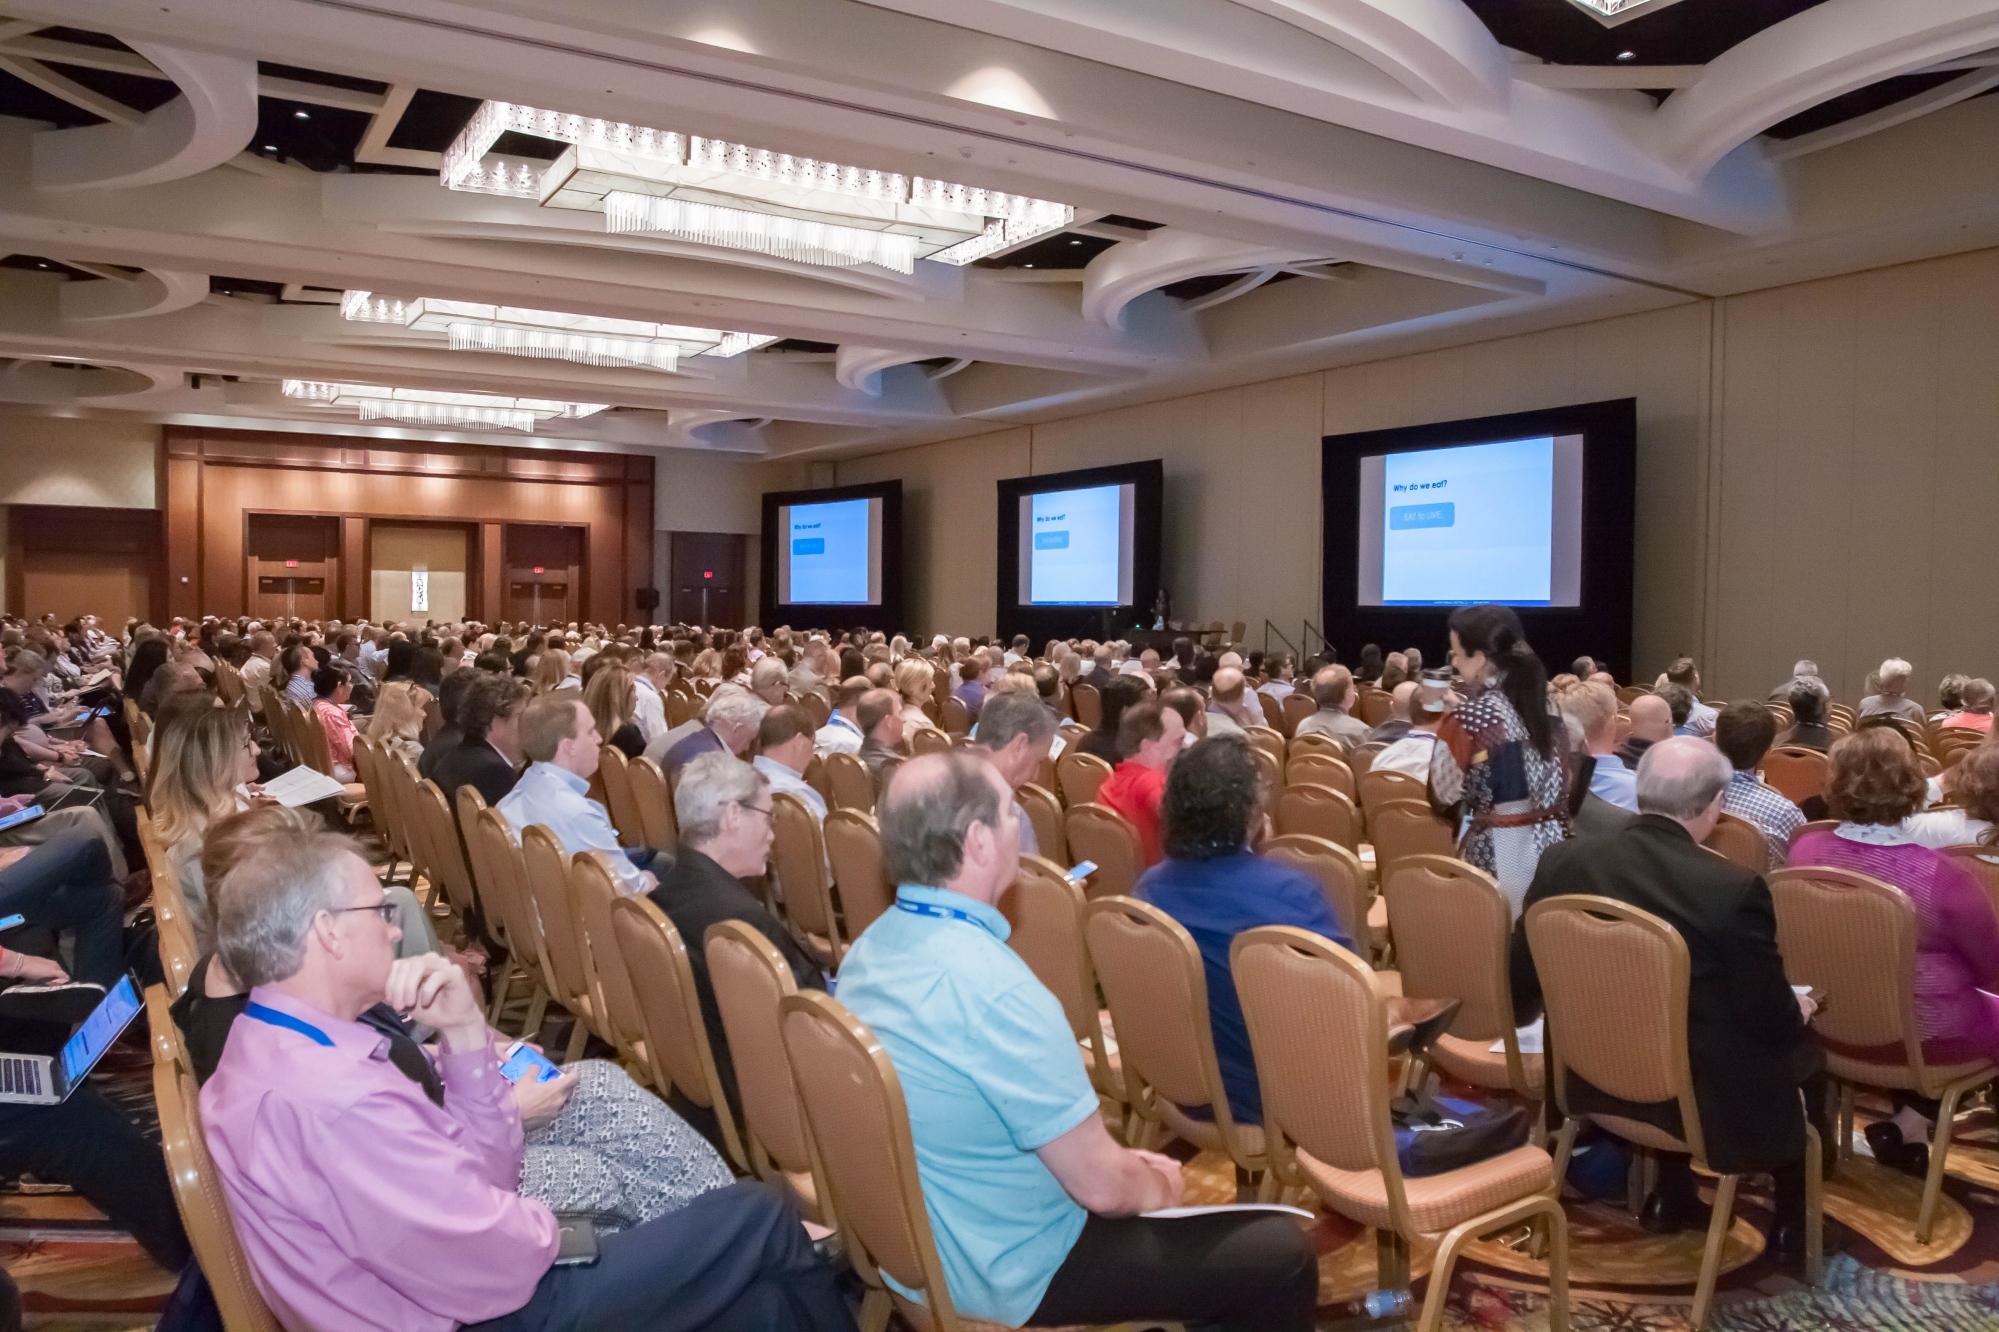 AADSM 2019 annual meeting attendees